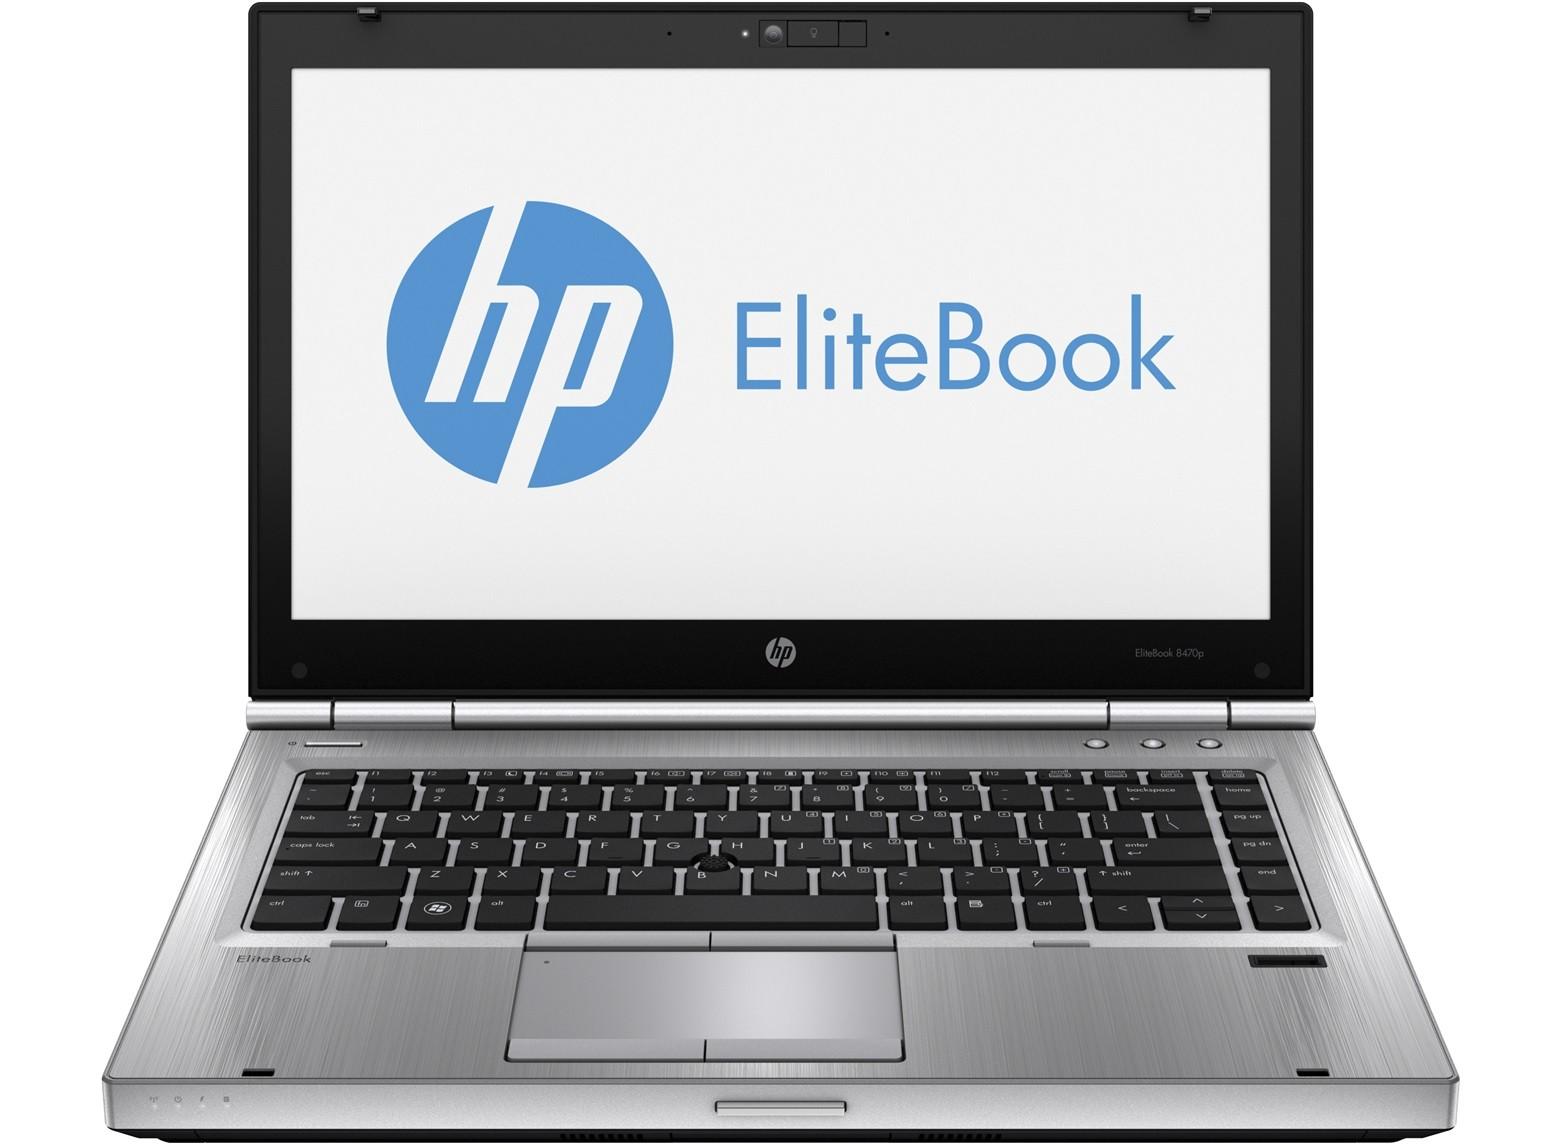 Hp elitebook 8470p intel i5-3320m 3th gen 16gb 256gb ssd hdmi